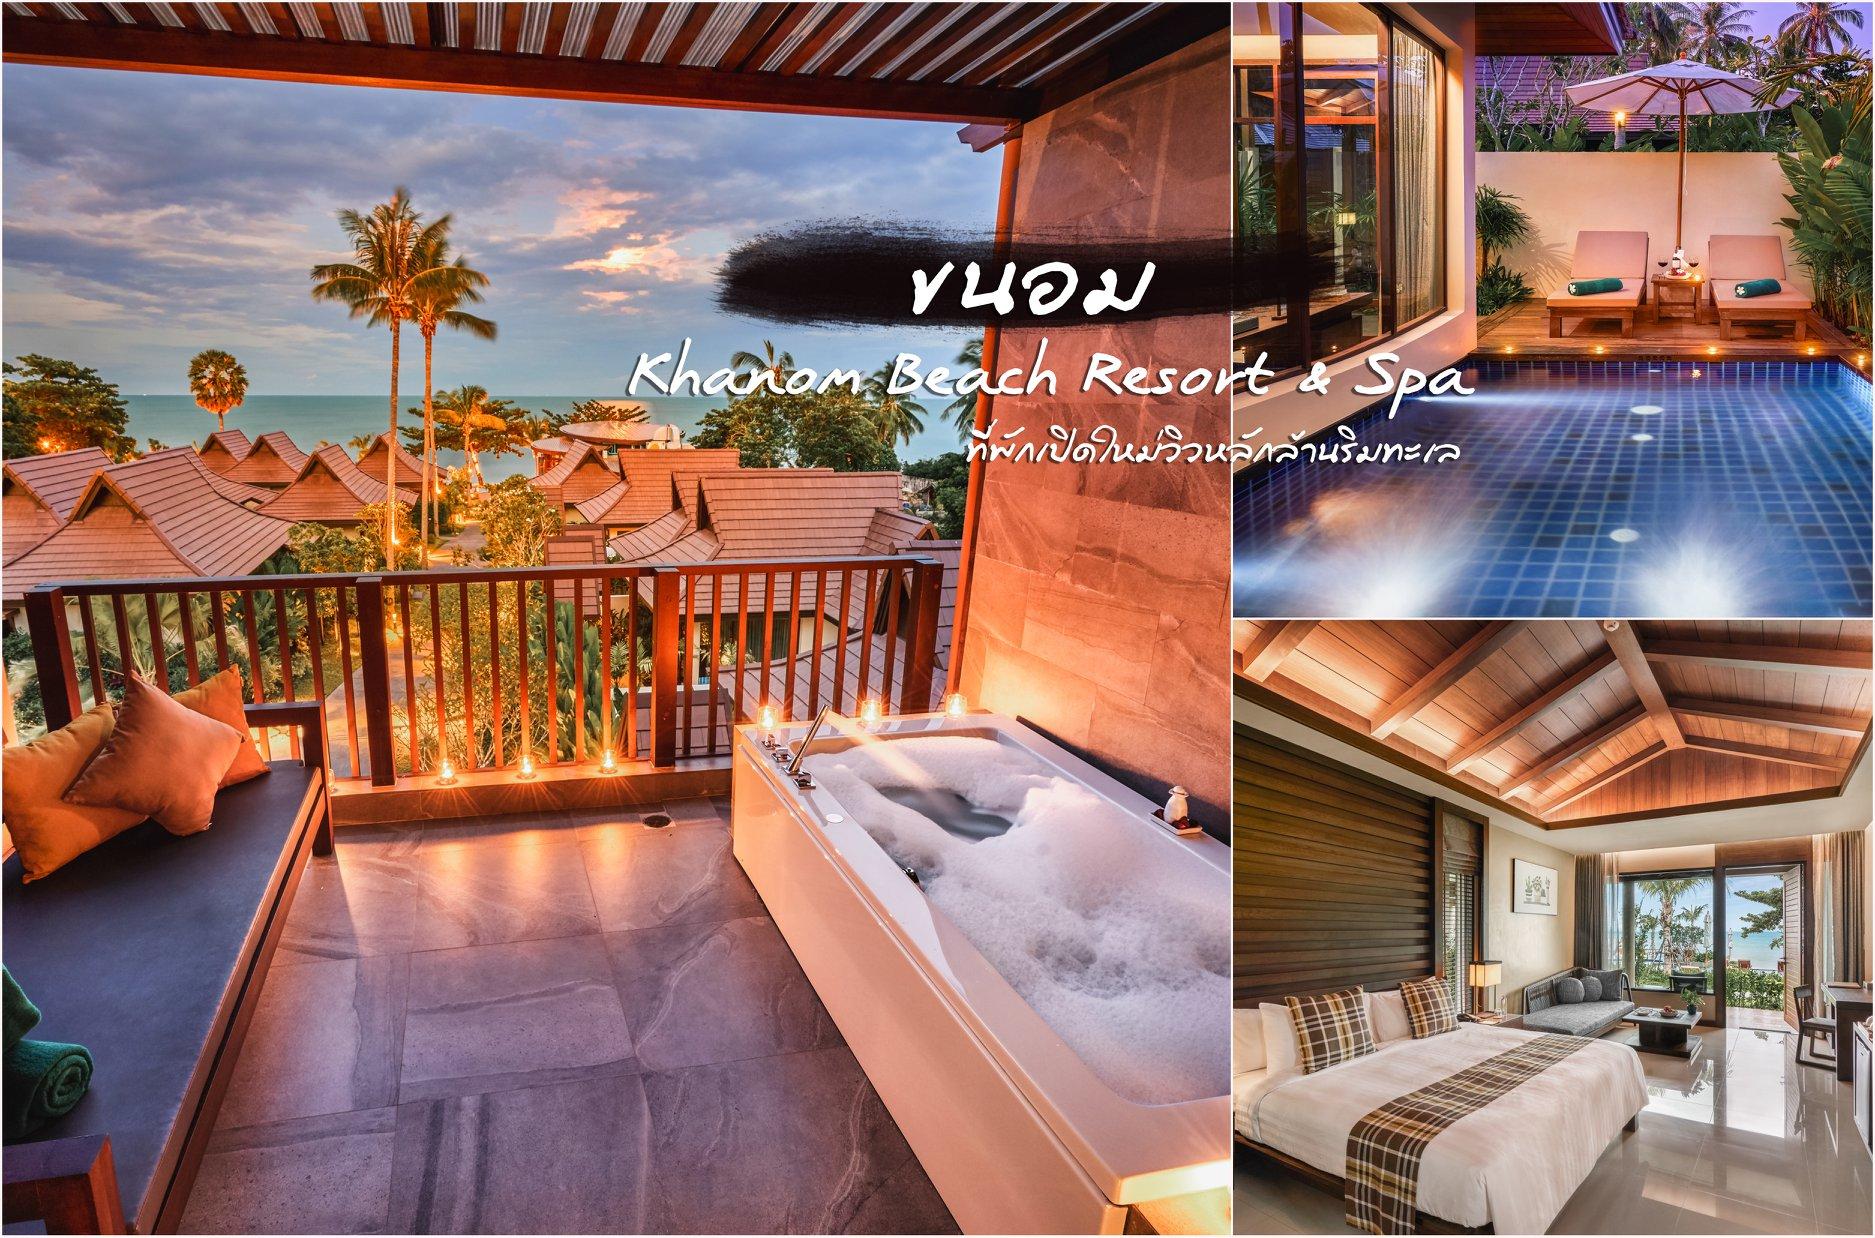 KhanomBeach Resort and Spa ที่พักริมทะเลสุดหรู ขนอมบีช รีสอร์ท แอนด์สปา  นครศรีธรรมราช สวยวิวหลักล้าน